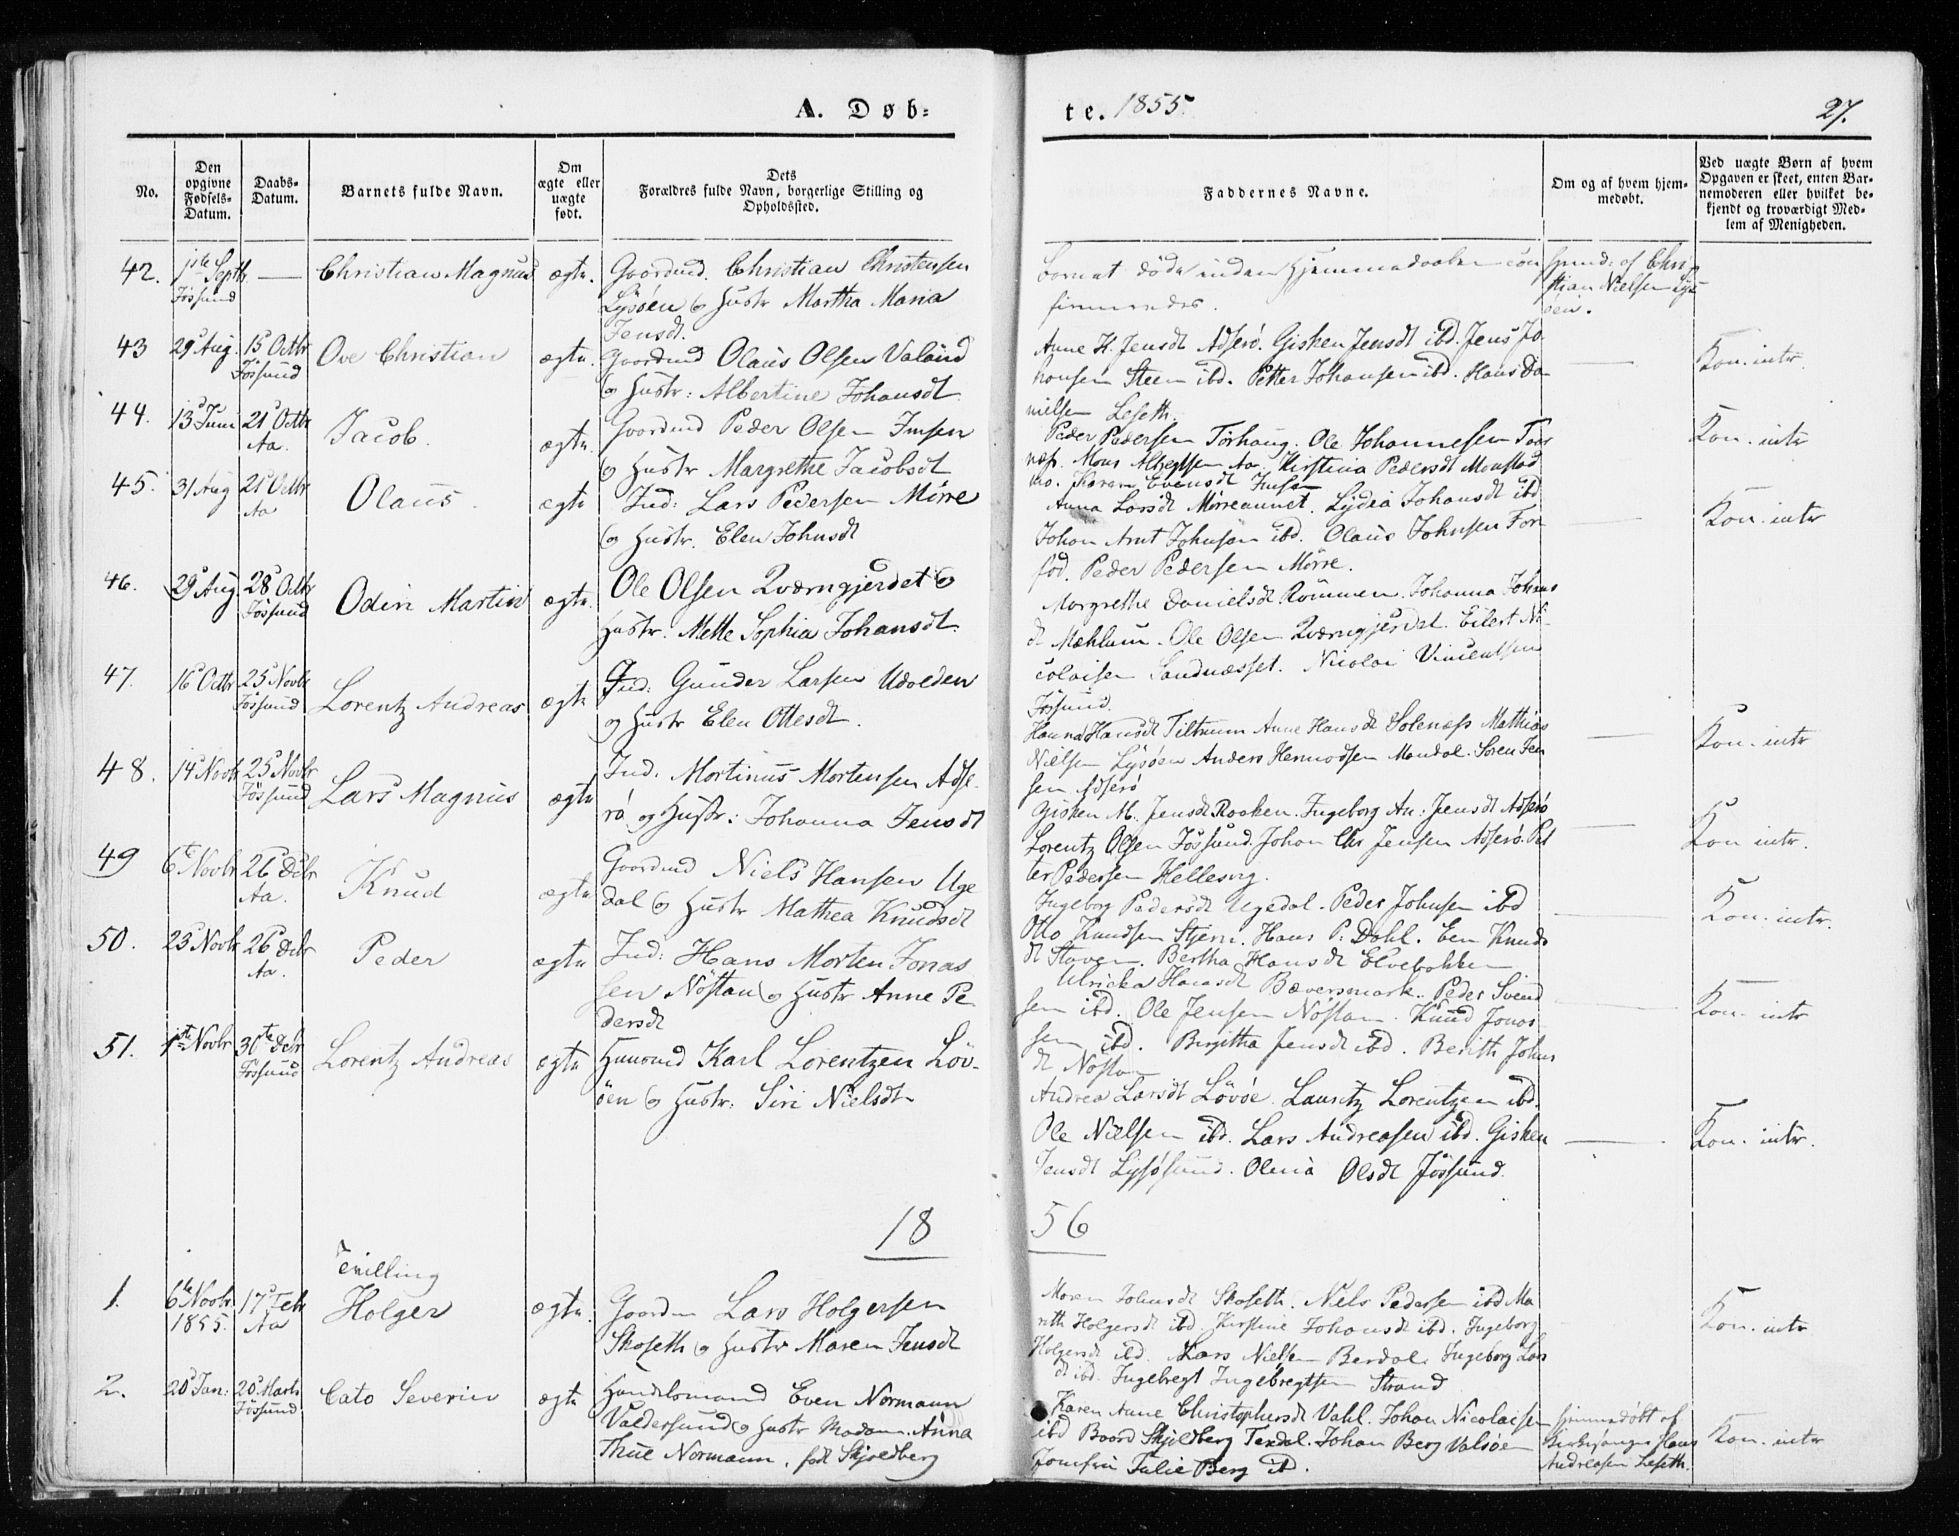 SAT, Ministerialprotokoller, klokkerbøker og fødselsregistre - Sør-Trøndelag, 655/L0677: Ministerialbok nr. 655A06, 1847-1860, s. 27